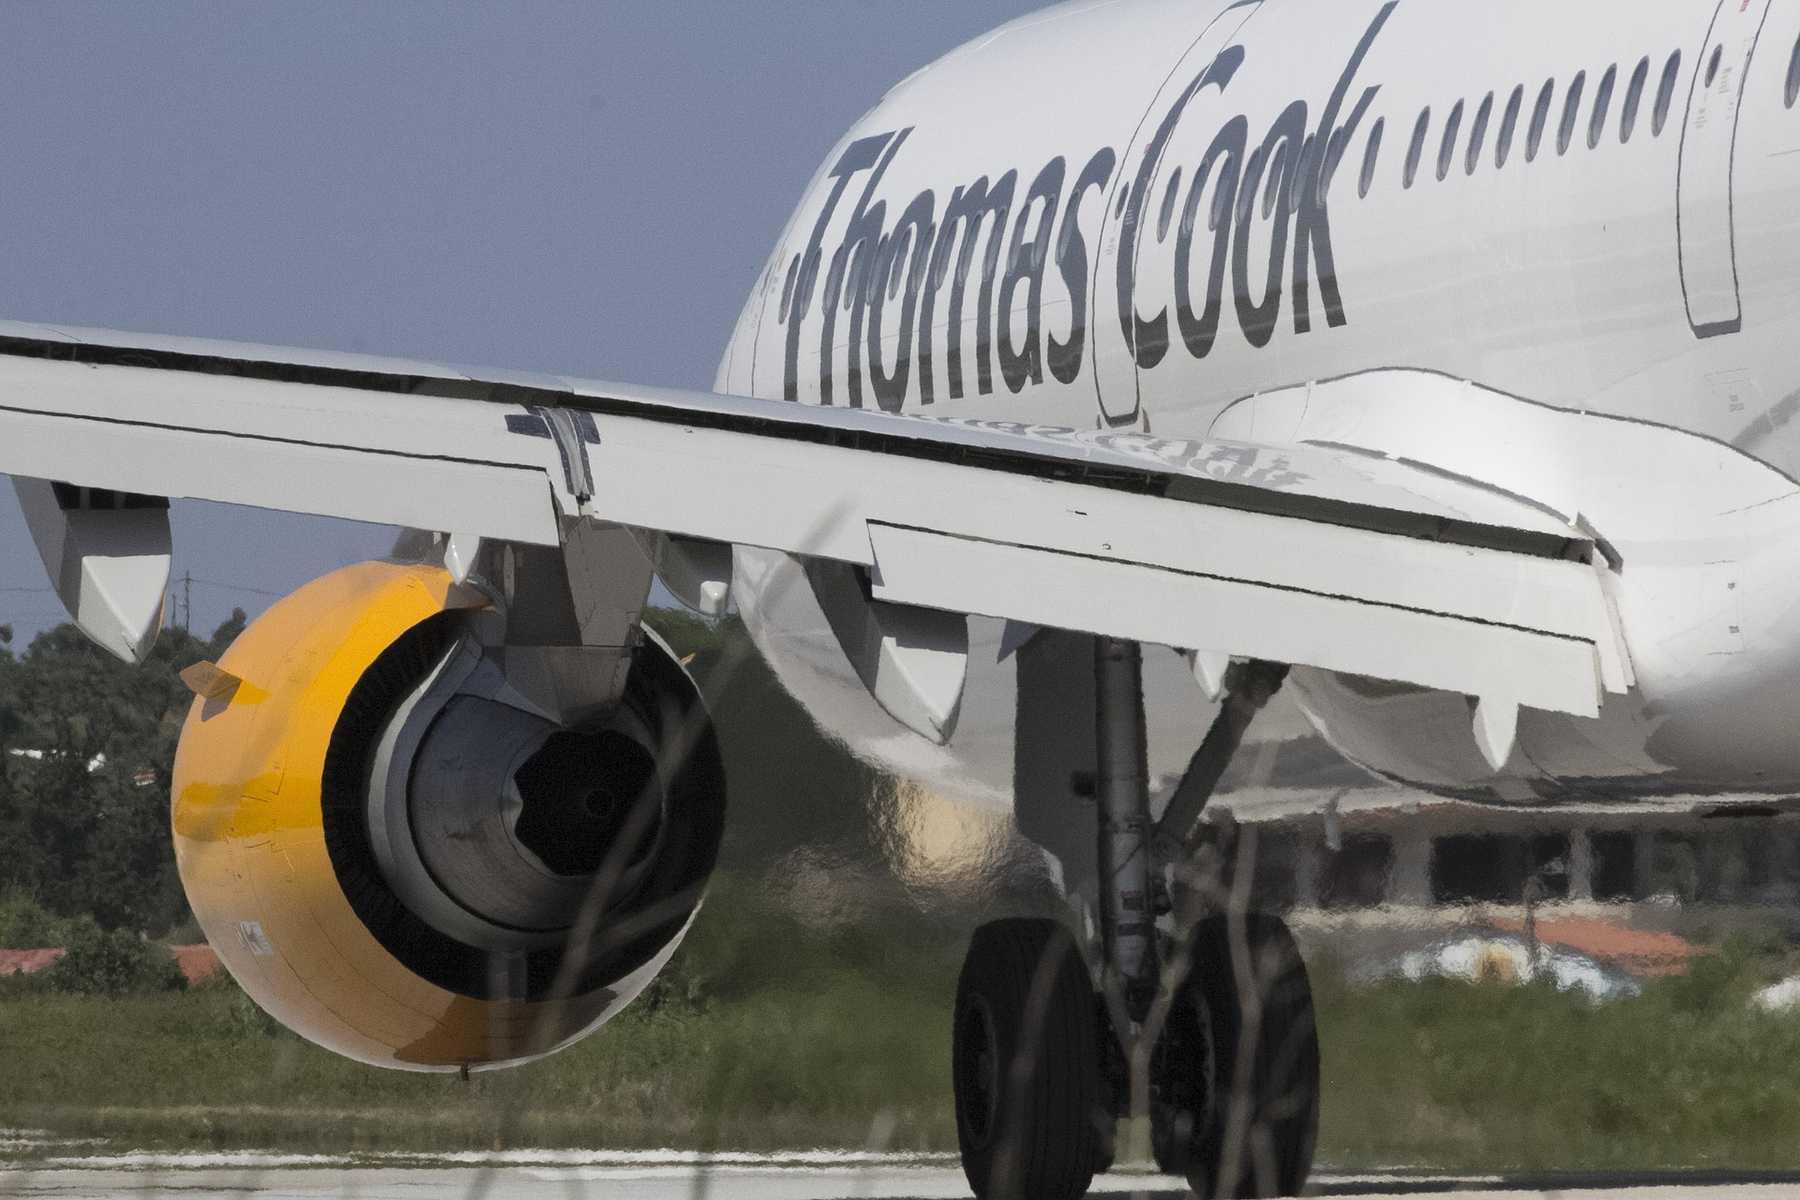 Faillissement van Thomas Cook toont de nood aan meer EU-regelgeving in Toerismesector